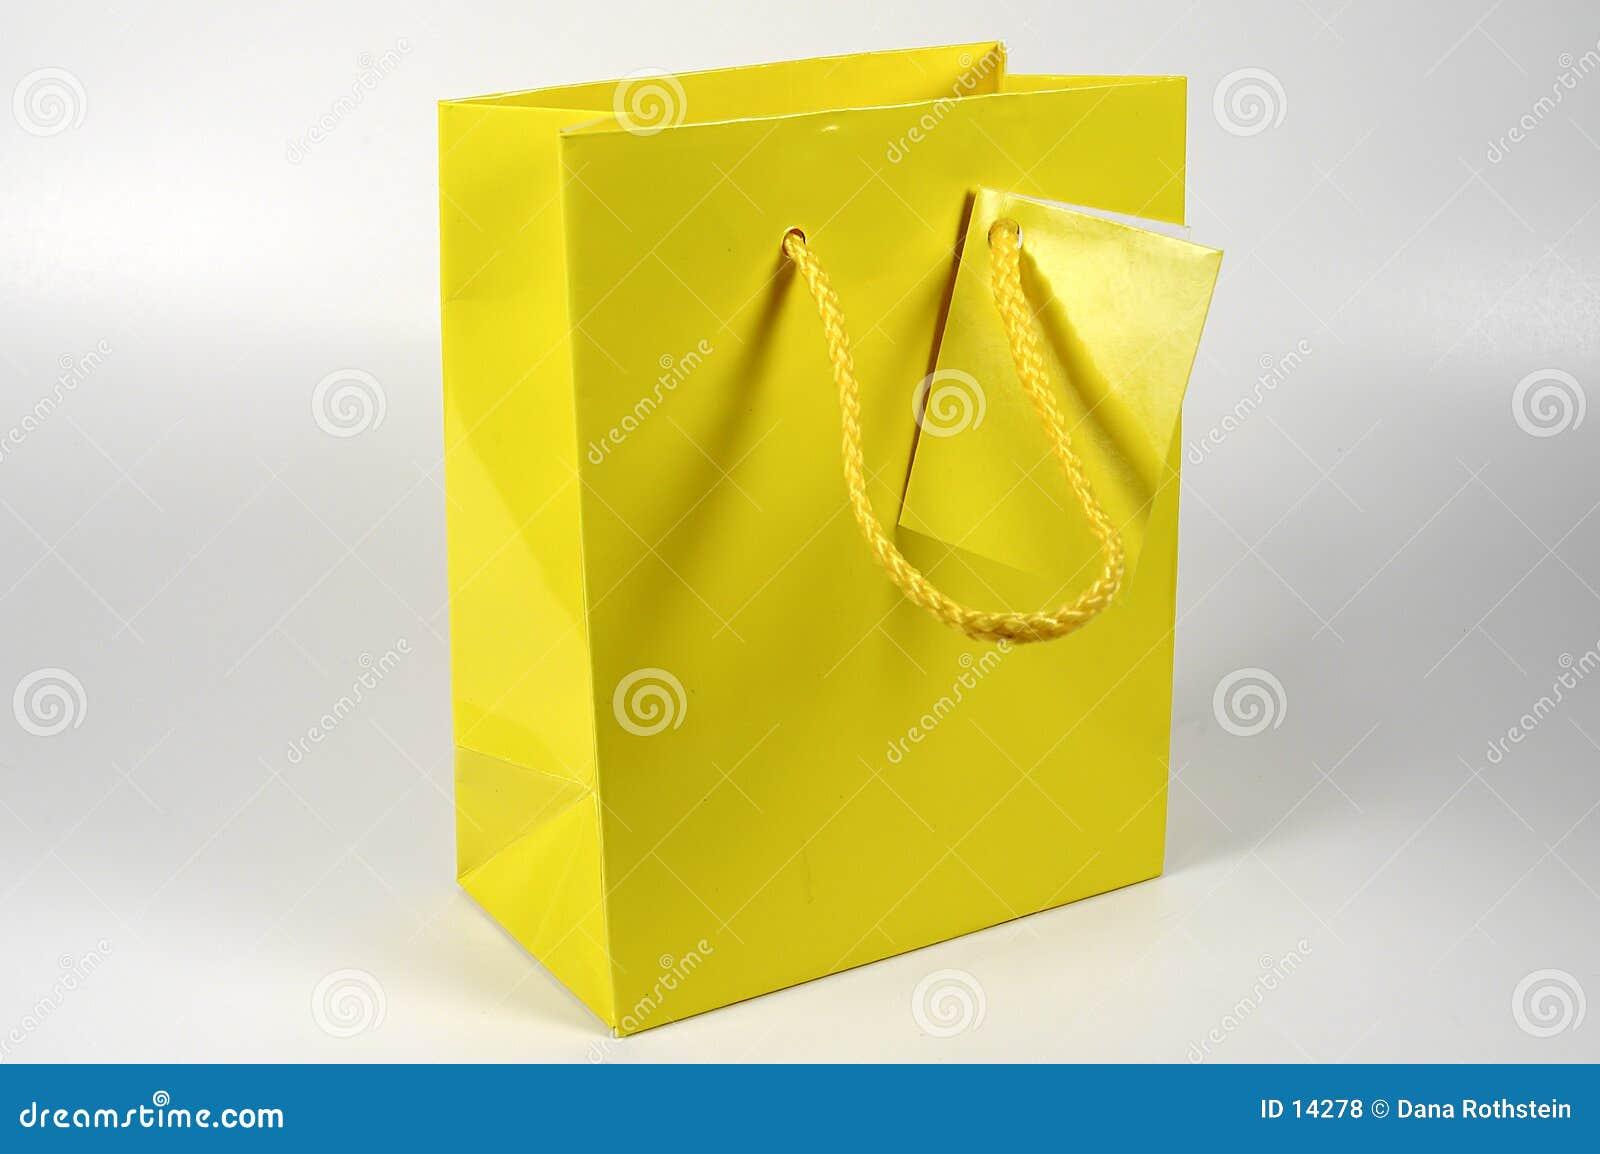 Yellow Gift Bag